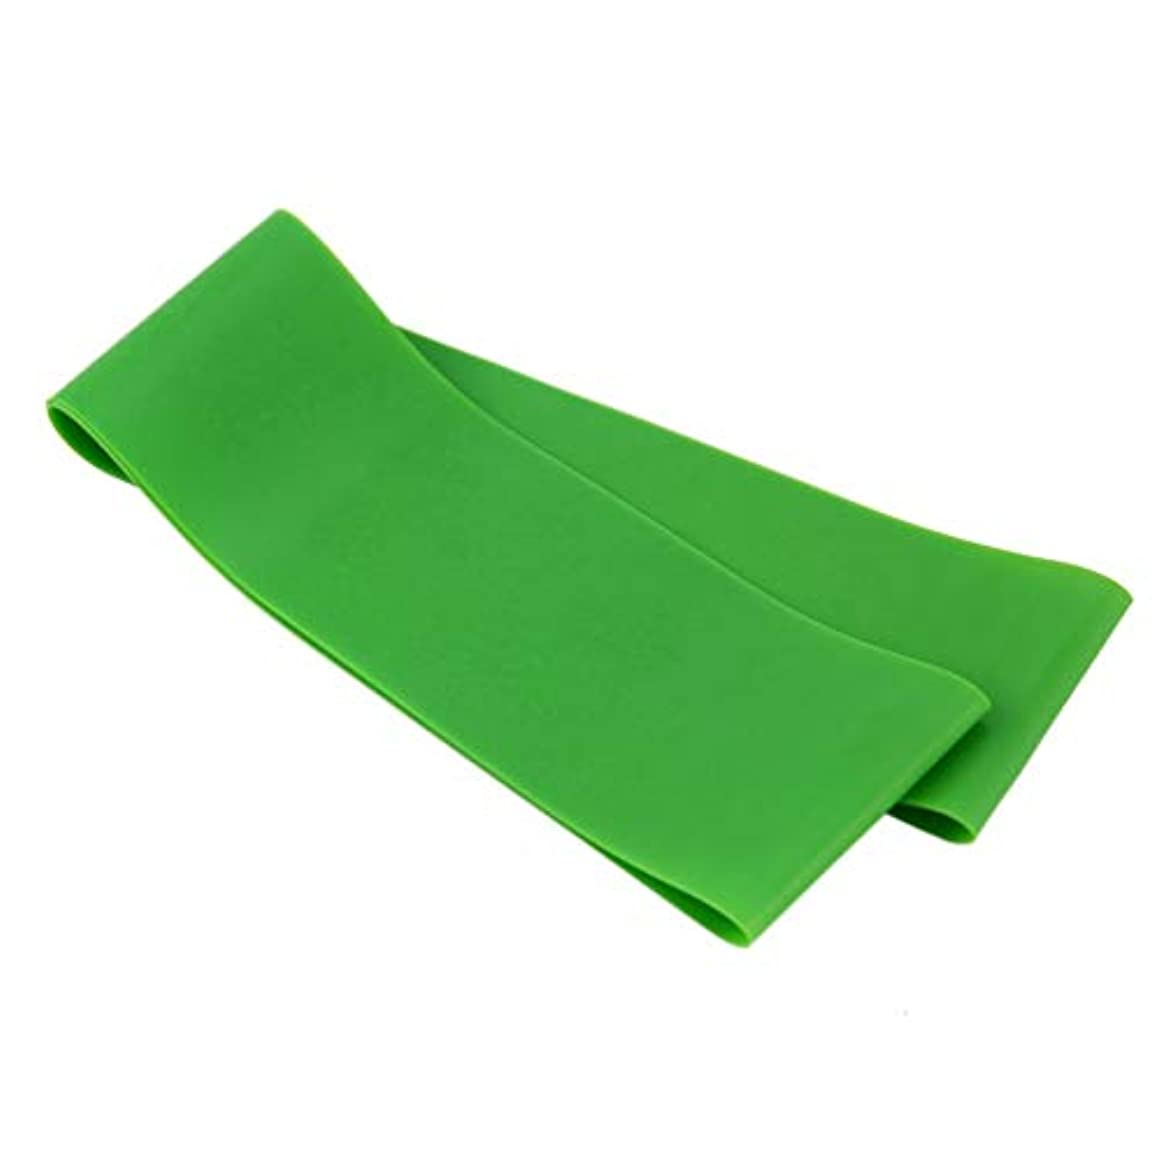 リード構想する薬剤師滑り止め伸縮性ゴム弾性ヨガベルトバンドプルロープ張力抵抗バンドループ強度のためのフィットネスヨガツール - グリーン